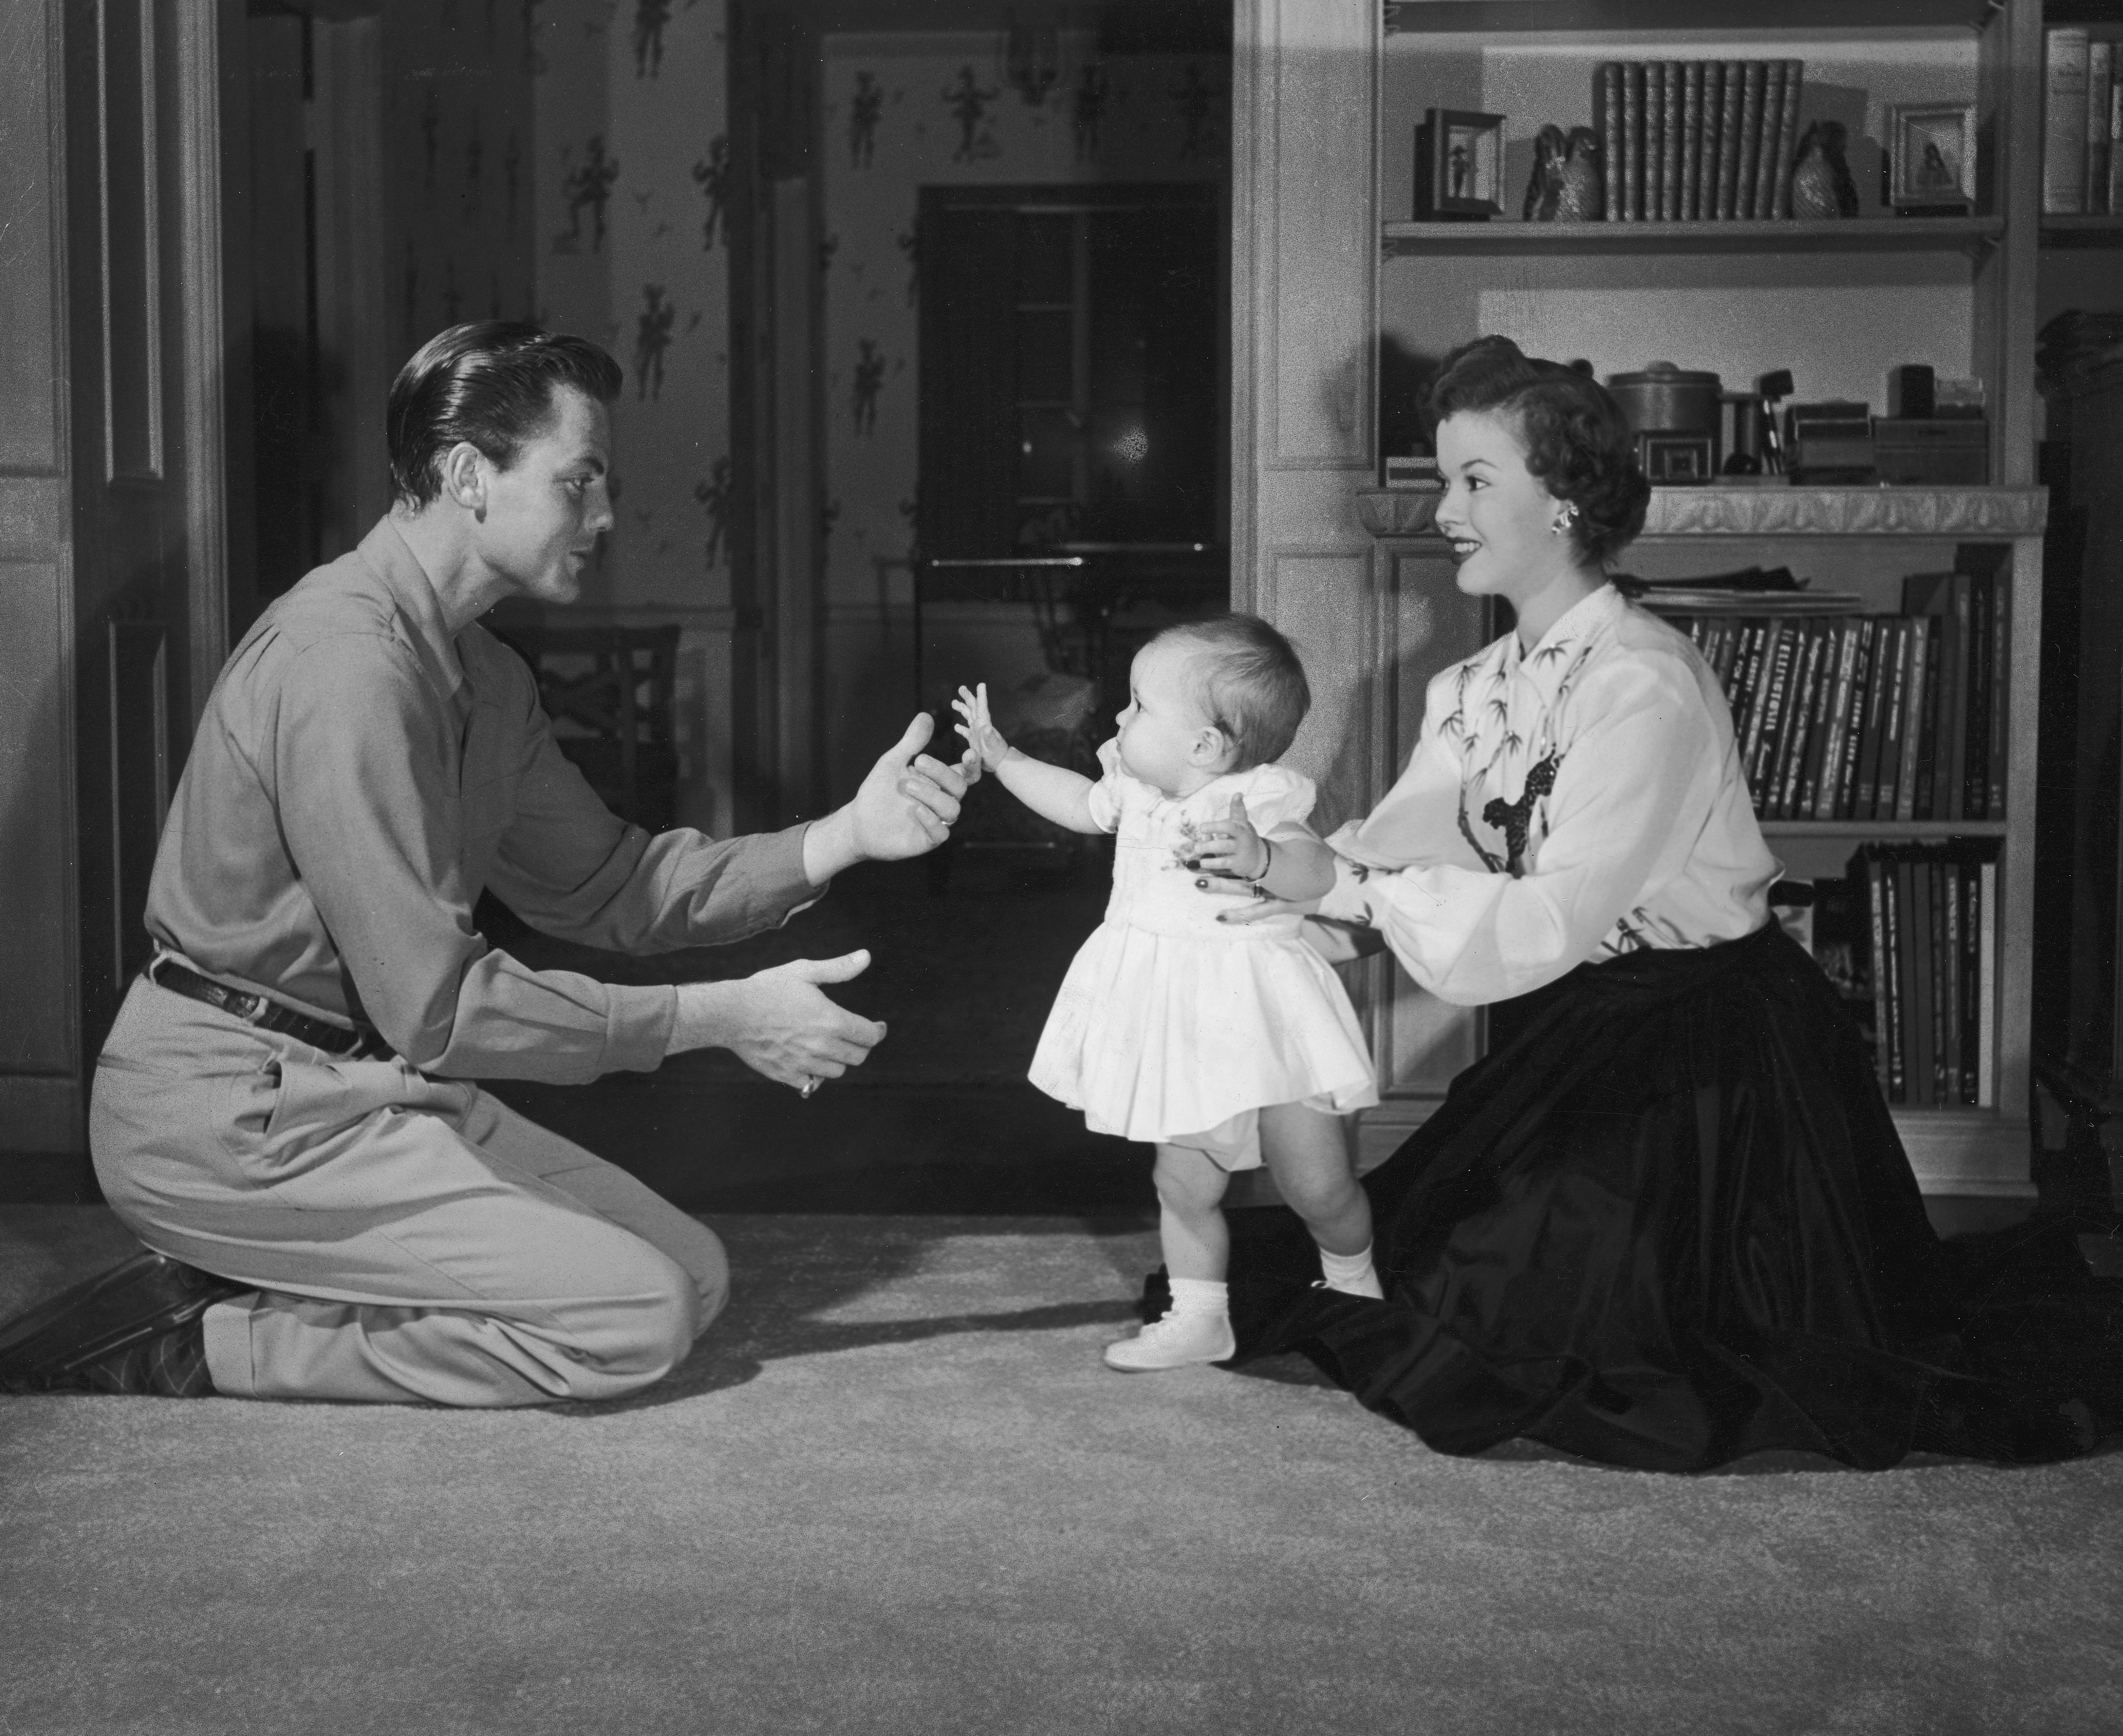 <p>Част от живота на американската актриса, певица, танцьорка и дипломат Шърли Темпъл, представен в снимки</p>